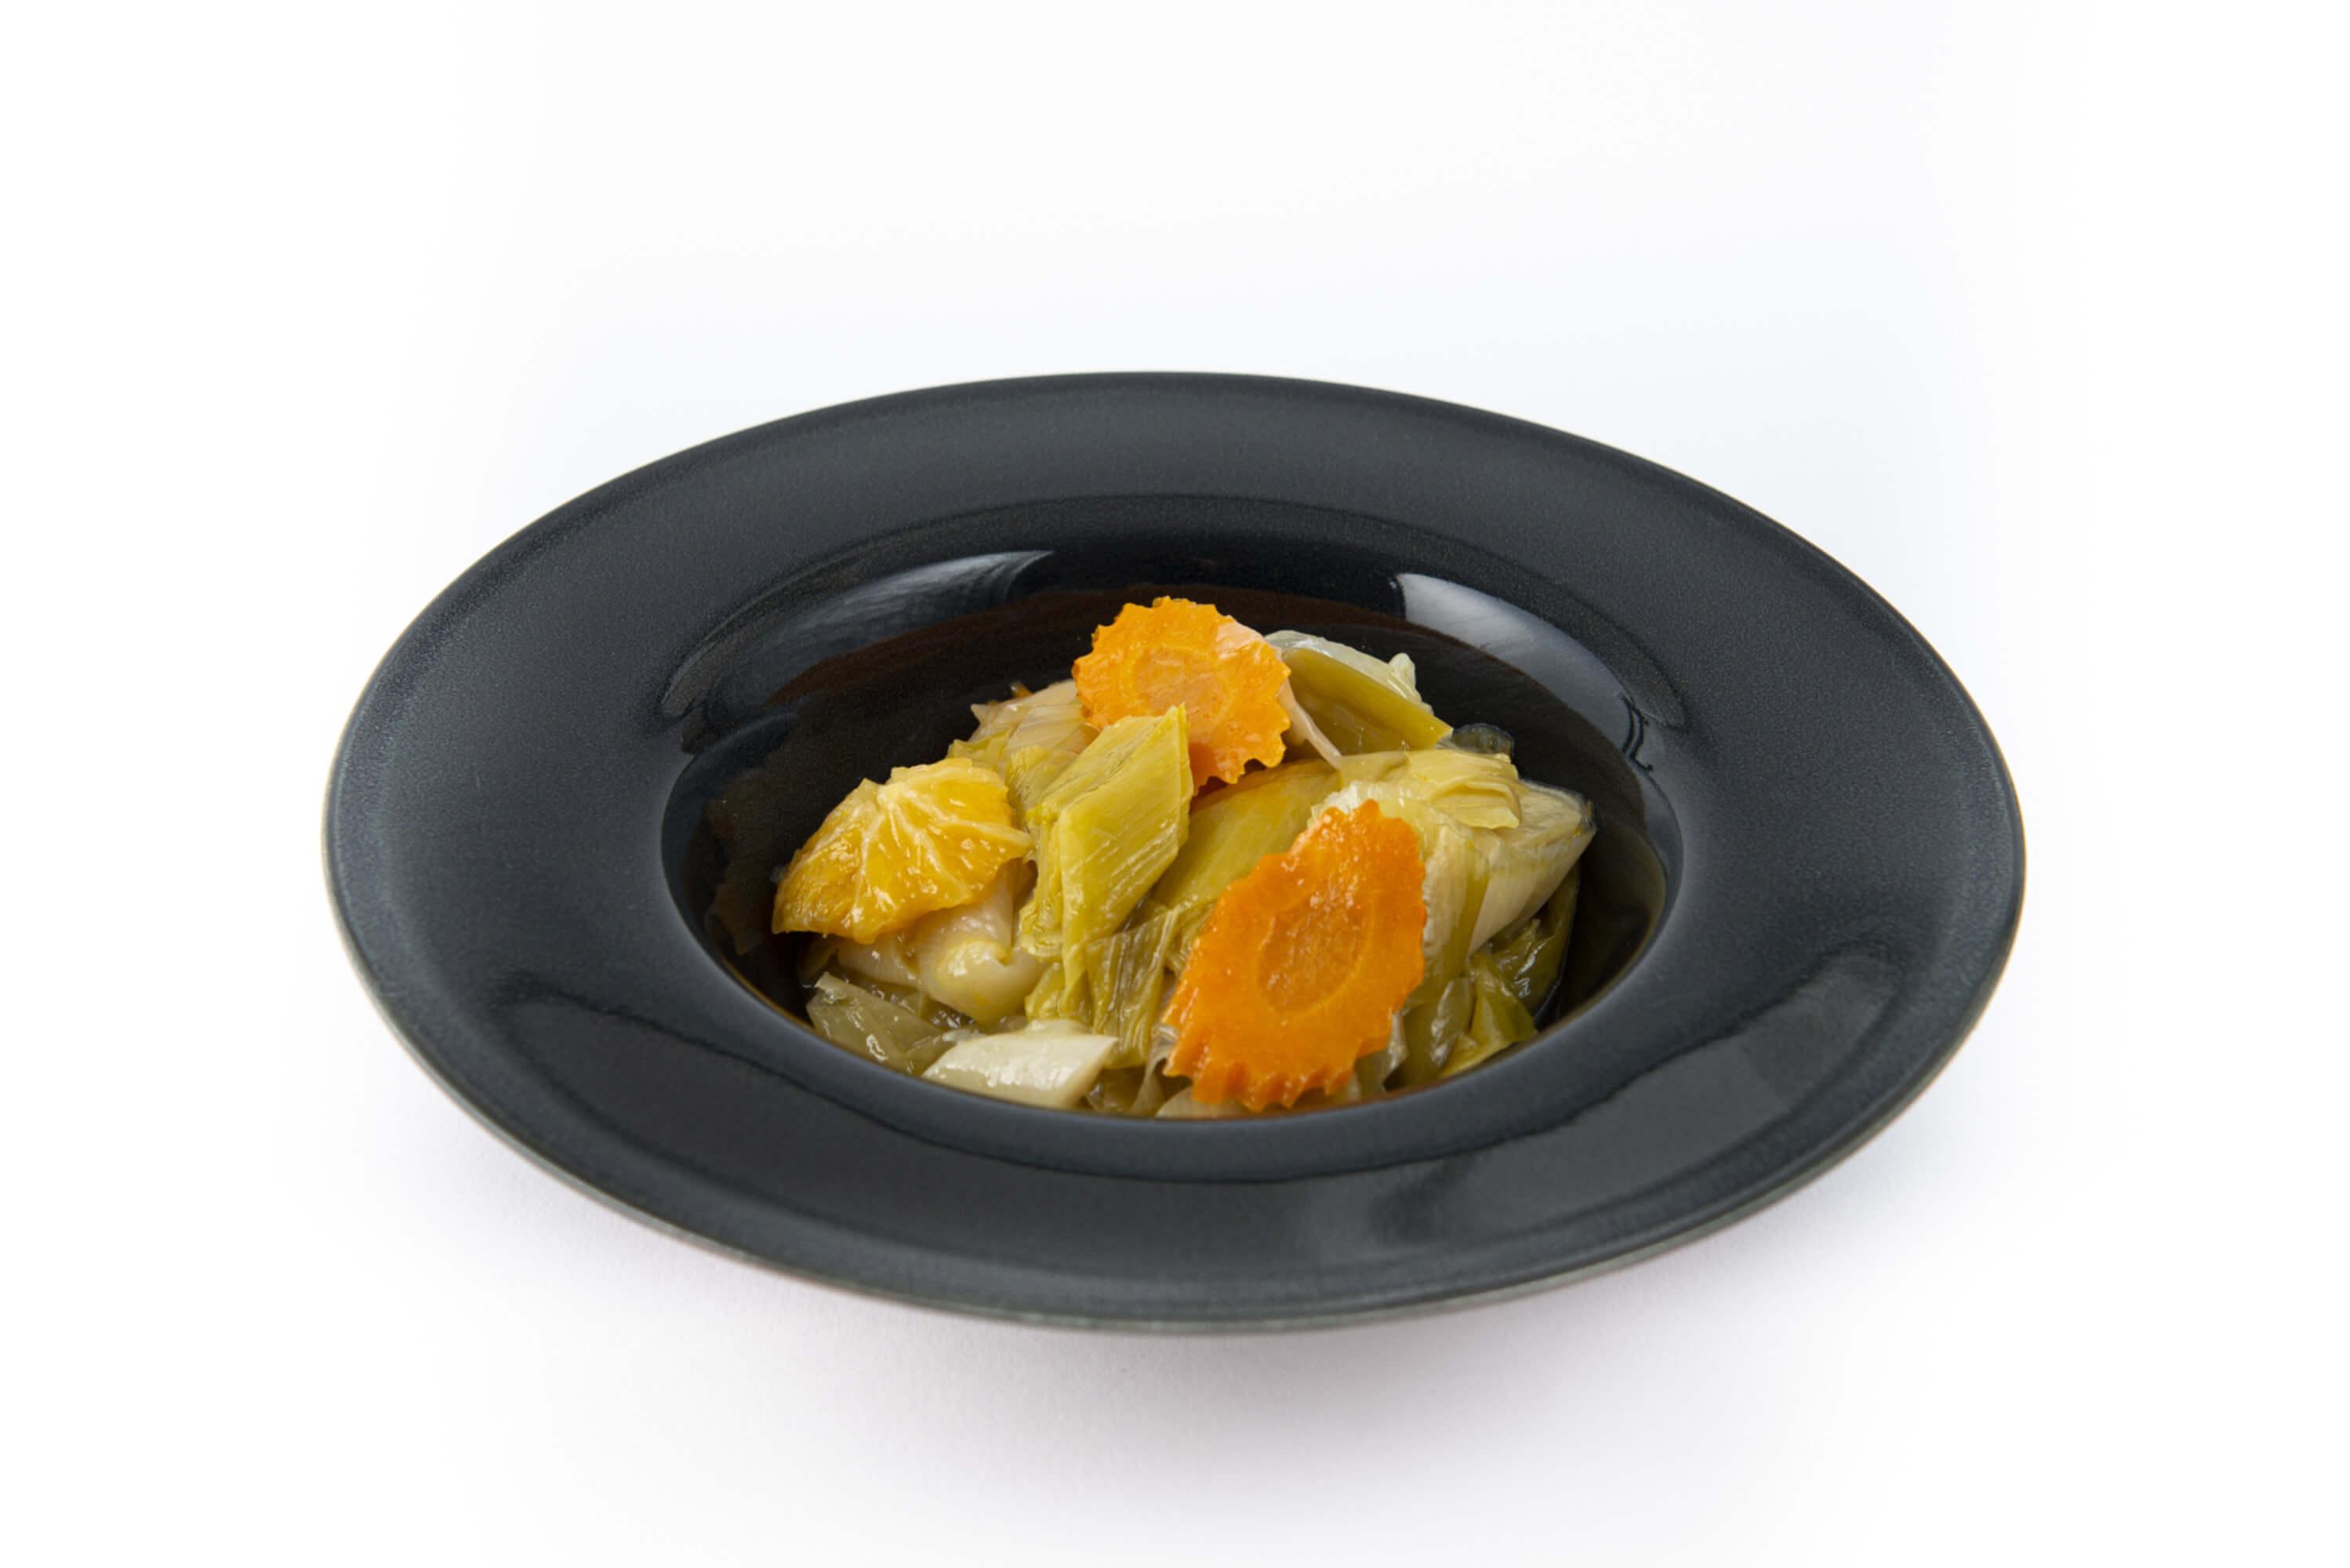 Lauchgemüse in Olivenöl und Orange auf einem Teller